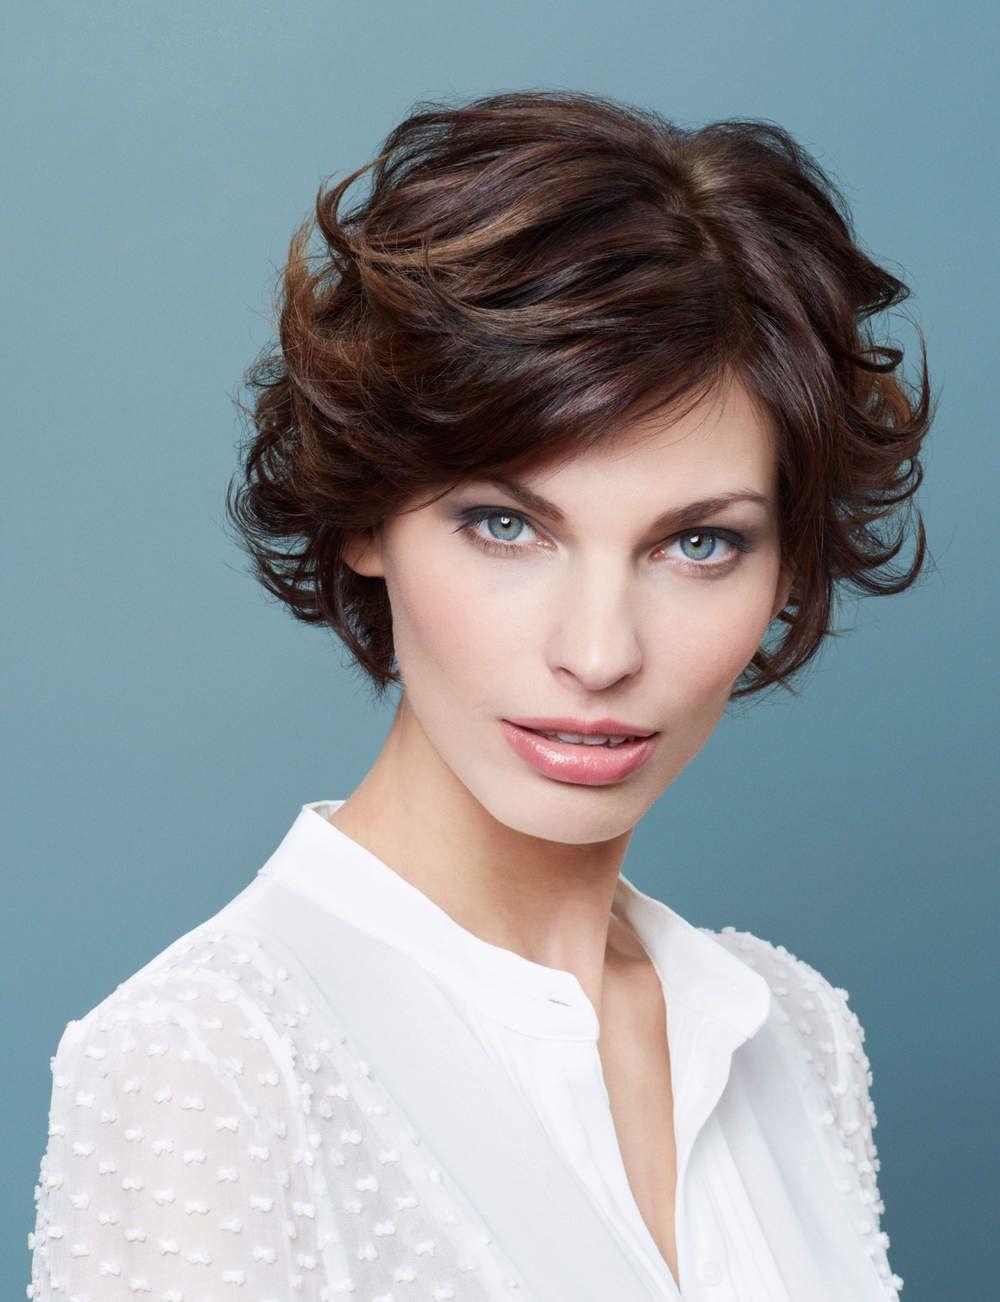 Coupe de cheveux 100 id es coiffures pour trouver votre style carr boucl femme actuelle - Coiffure femme boucle ...